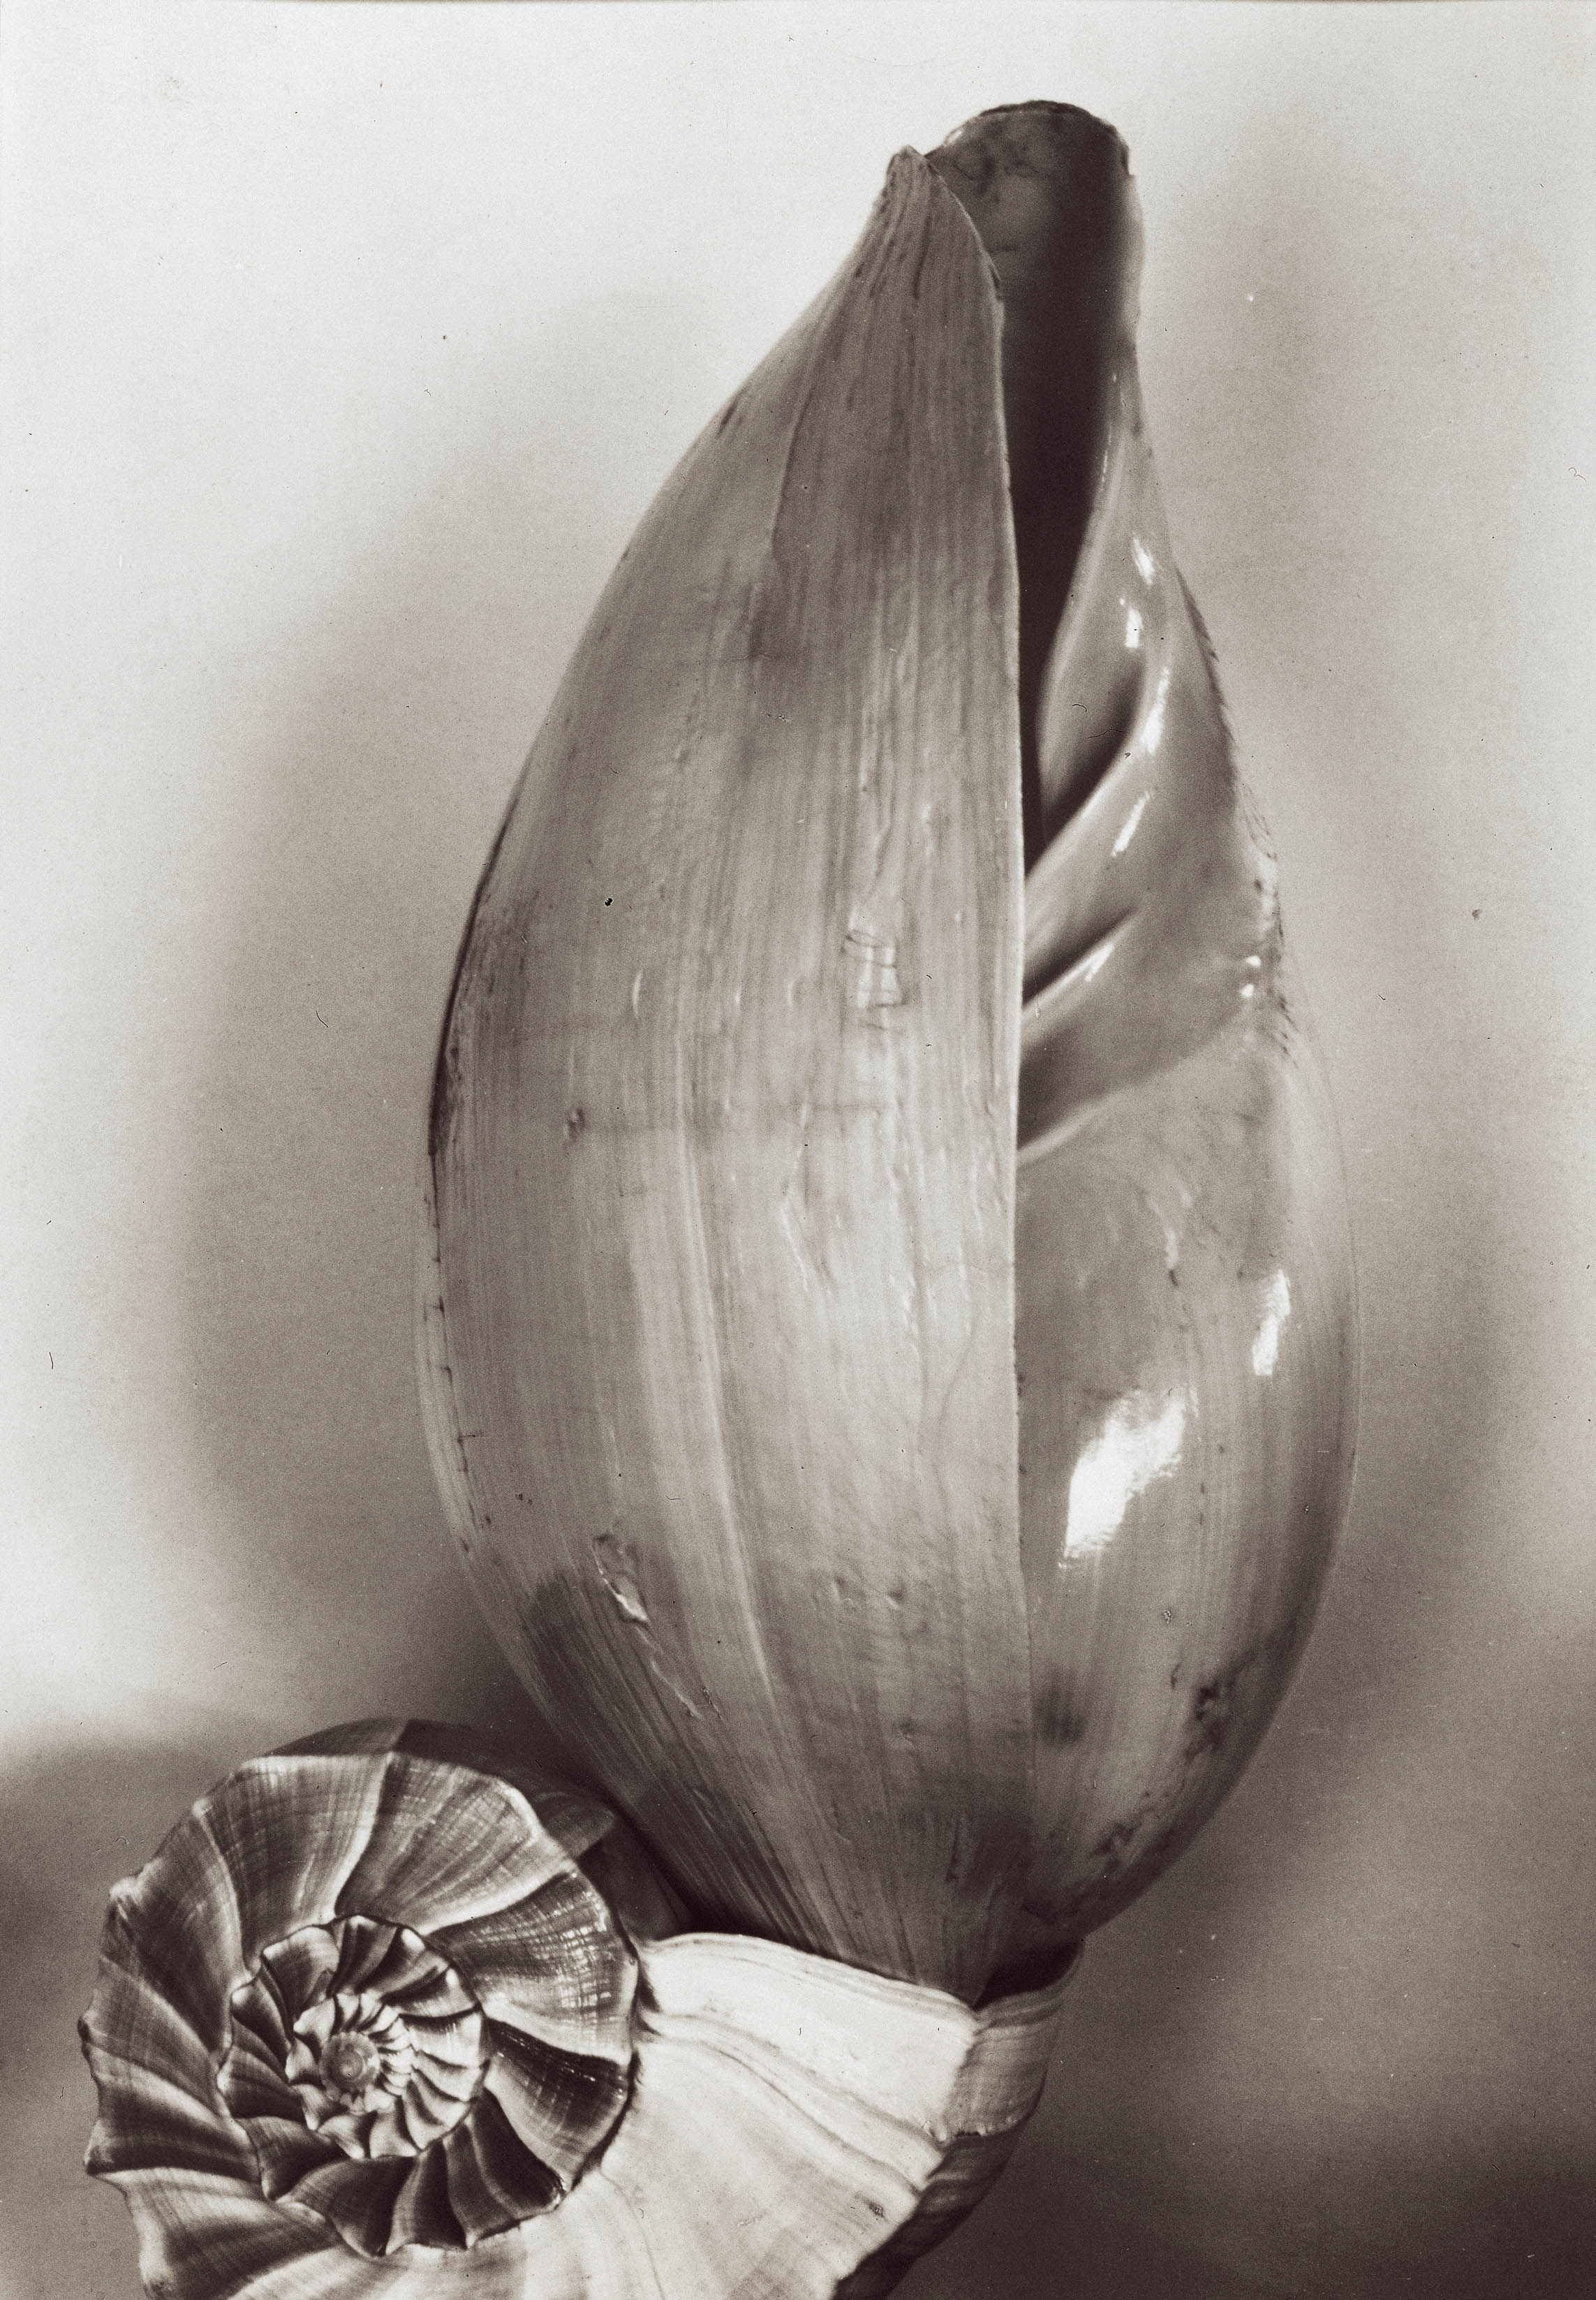 weston_two shells